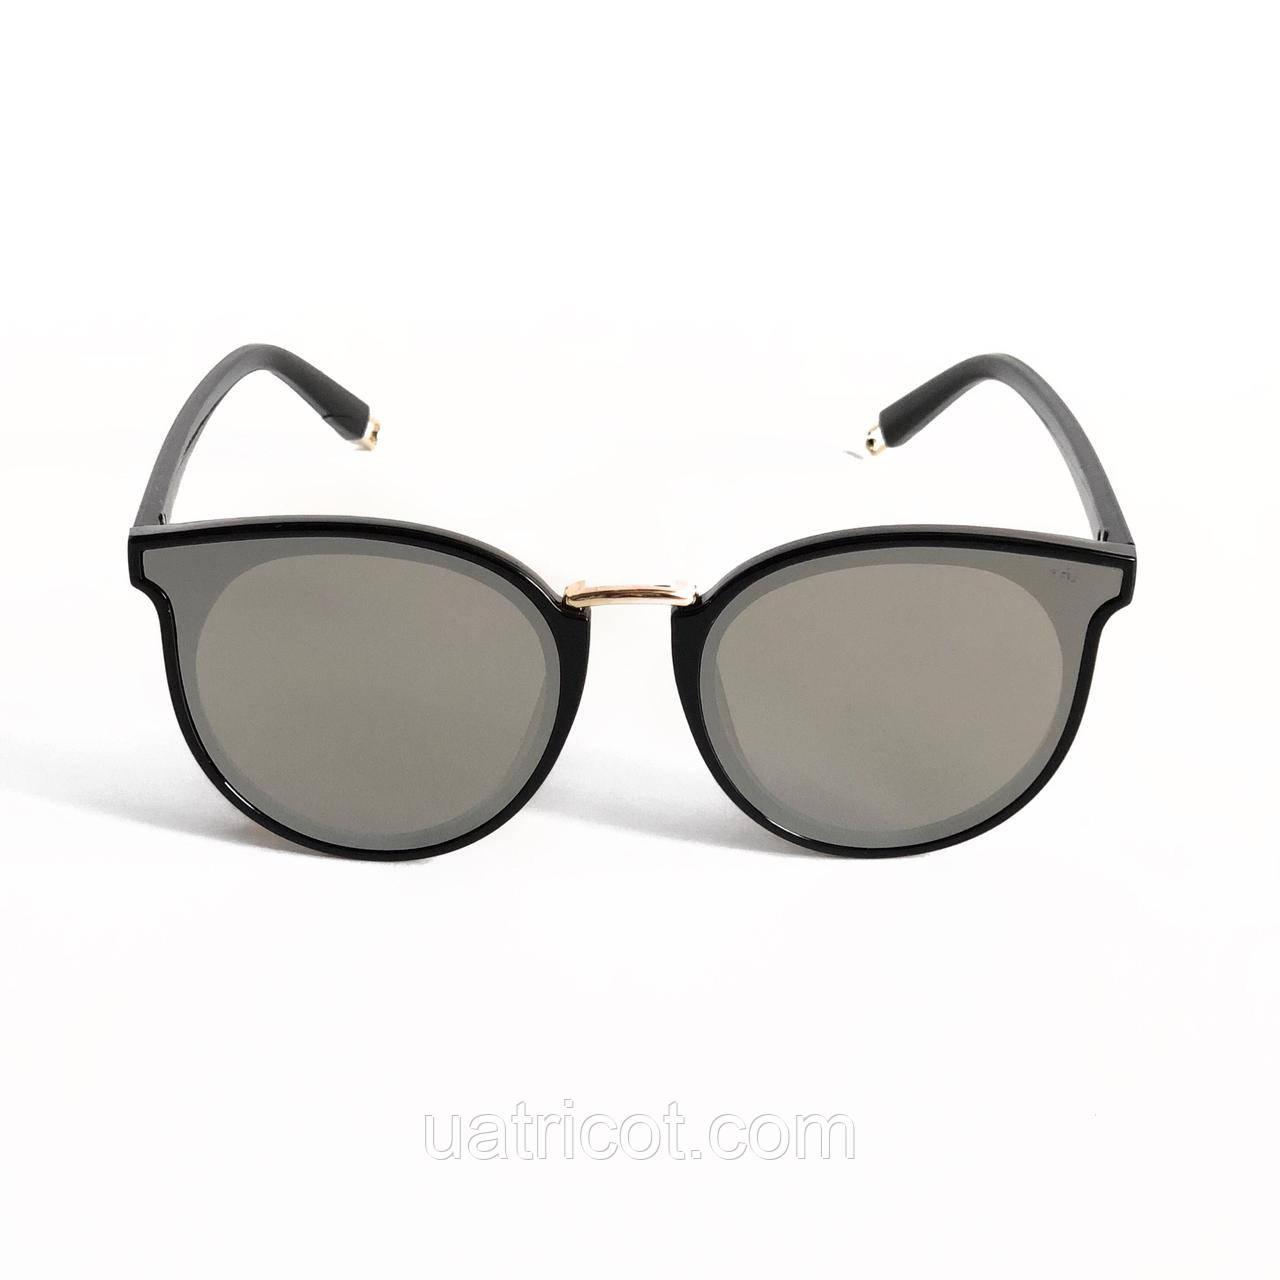 Женские солнцезащитные очки Сat eye в чёрной оправе с серебреными линзами